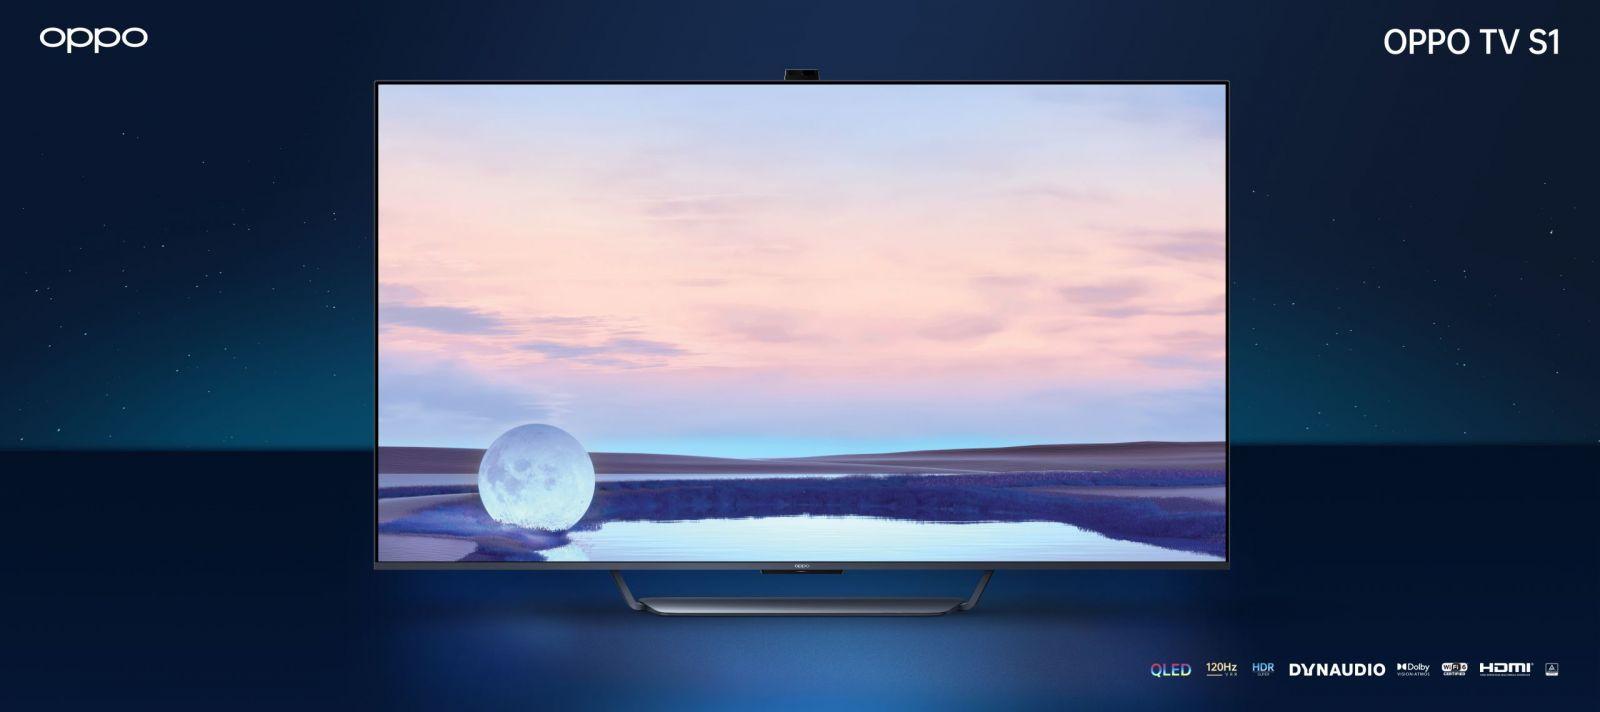 OPPO представила телевизоры, новые беспроводные наушники и другие умные устройства (OPPO TV S1 scaled)